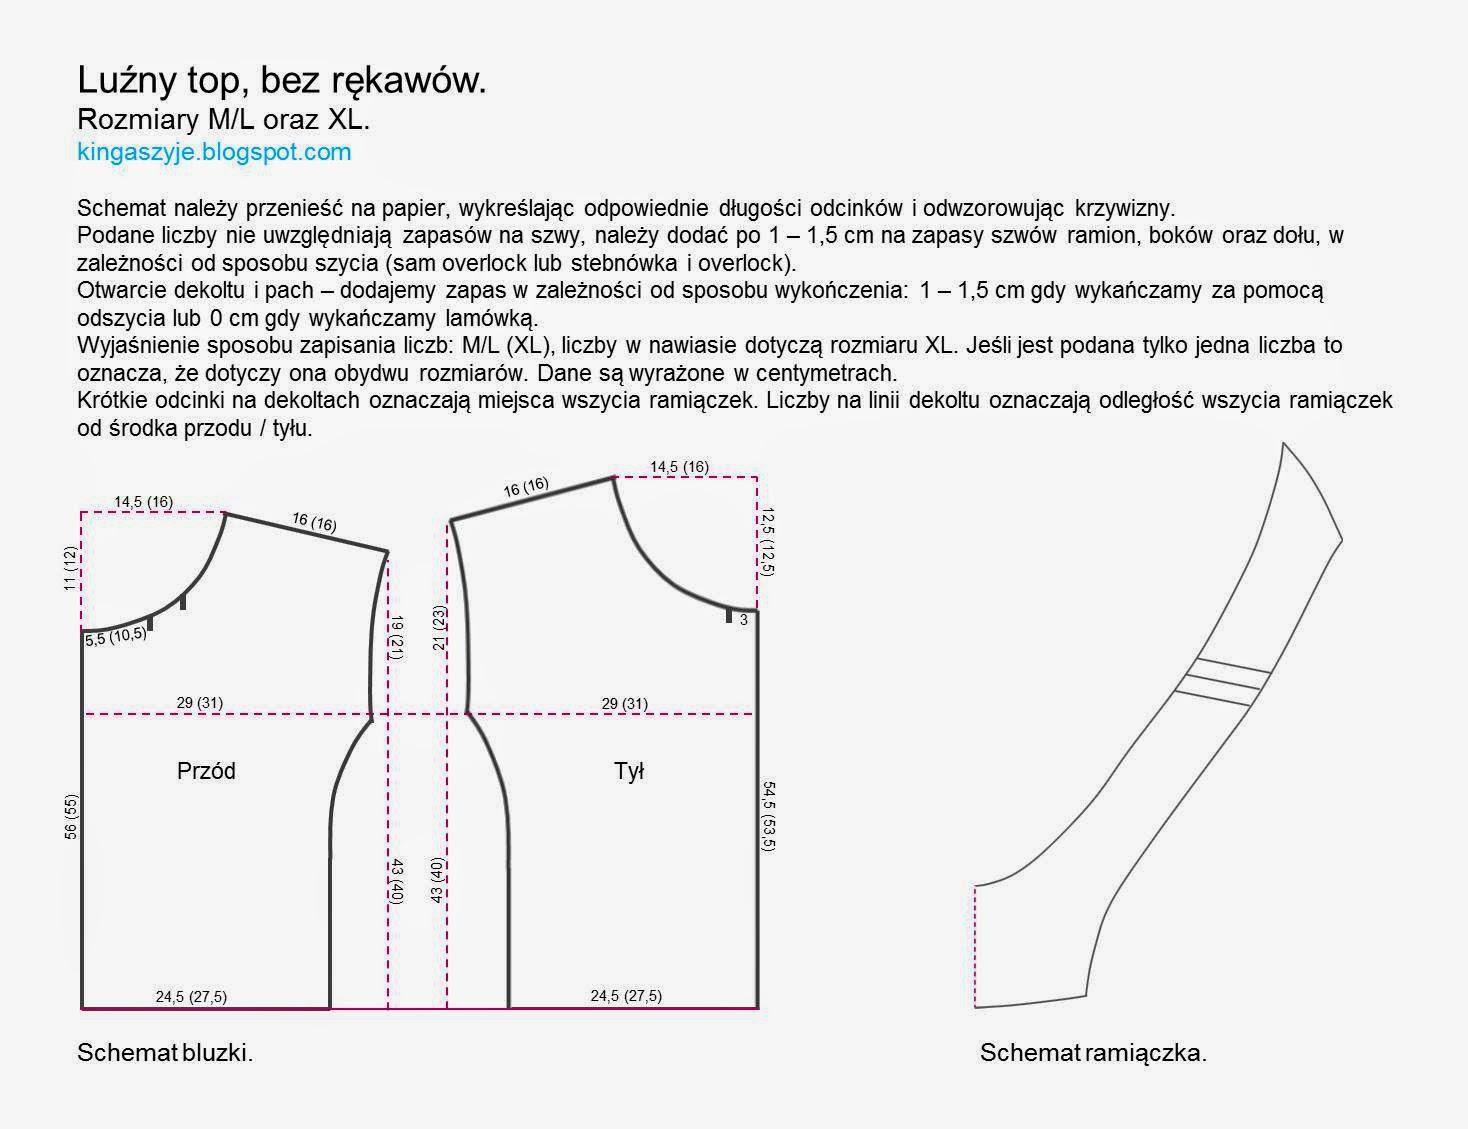 Schemat wykroju bluzka - top, www.kingaszyje.blogspot.com